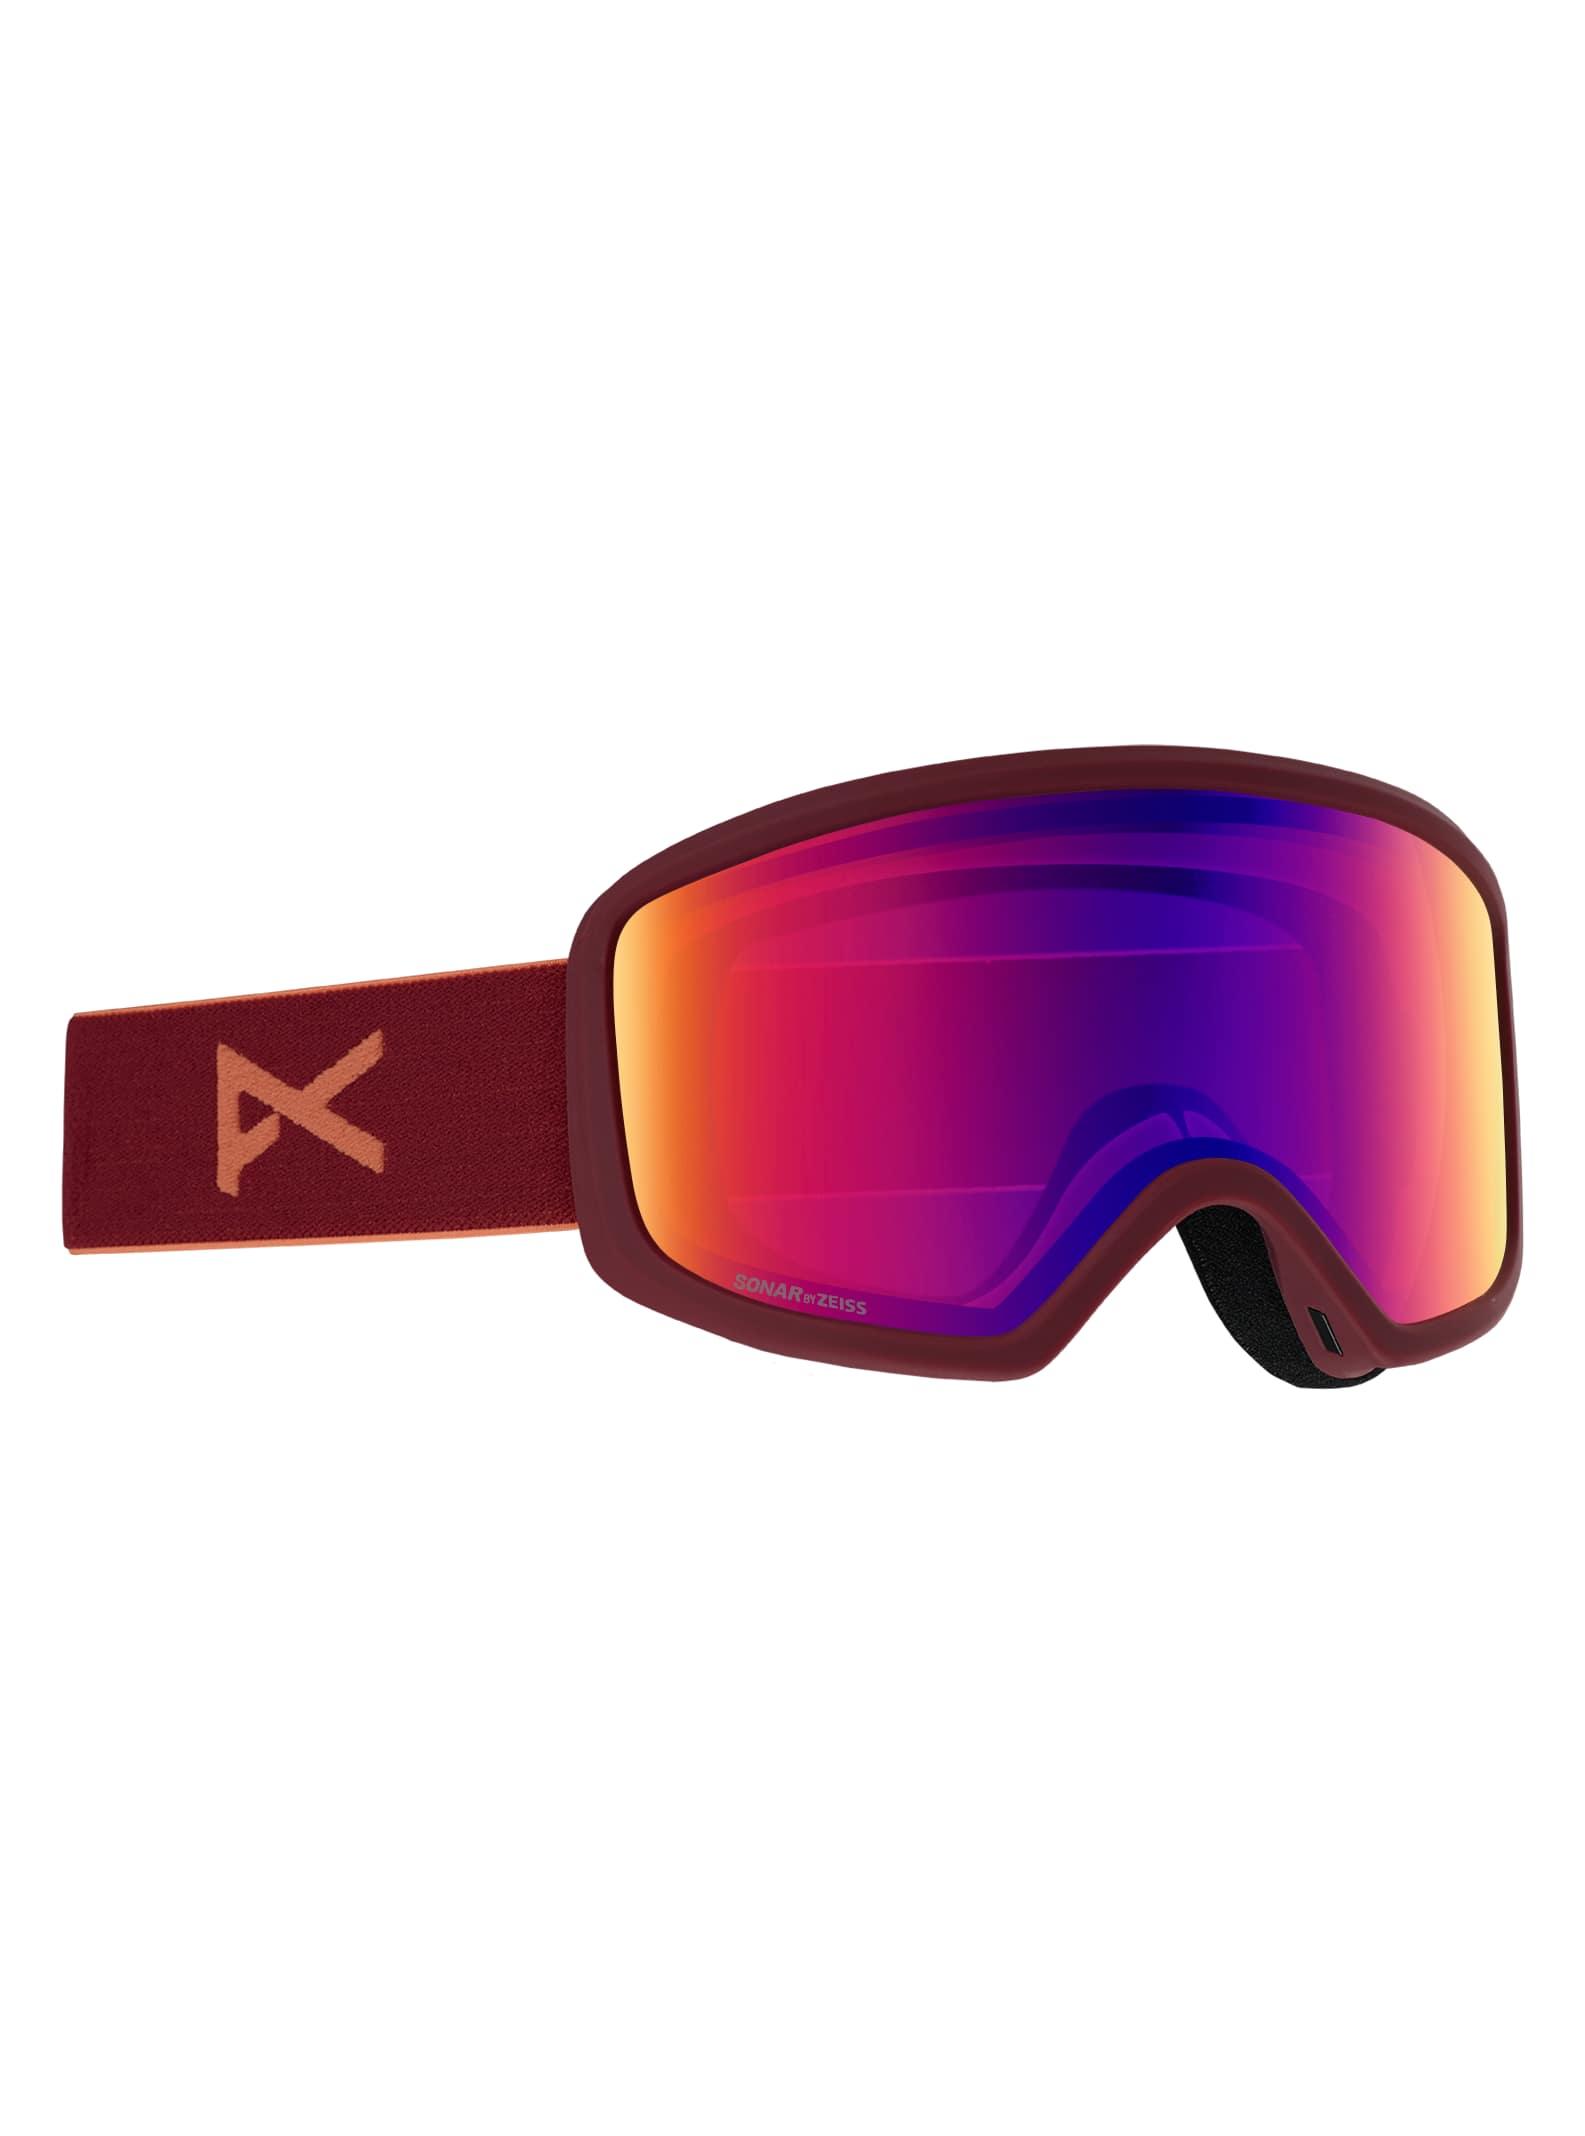 Anon Deringer skidglasögon + reservlins för damer, Frame: Ruby, Lens: SONAR Infrared Blue, Spare Lens: Amber